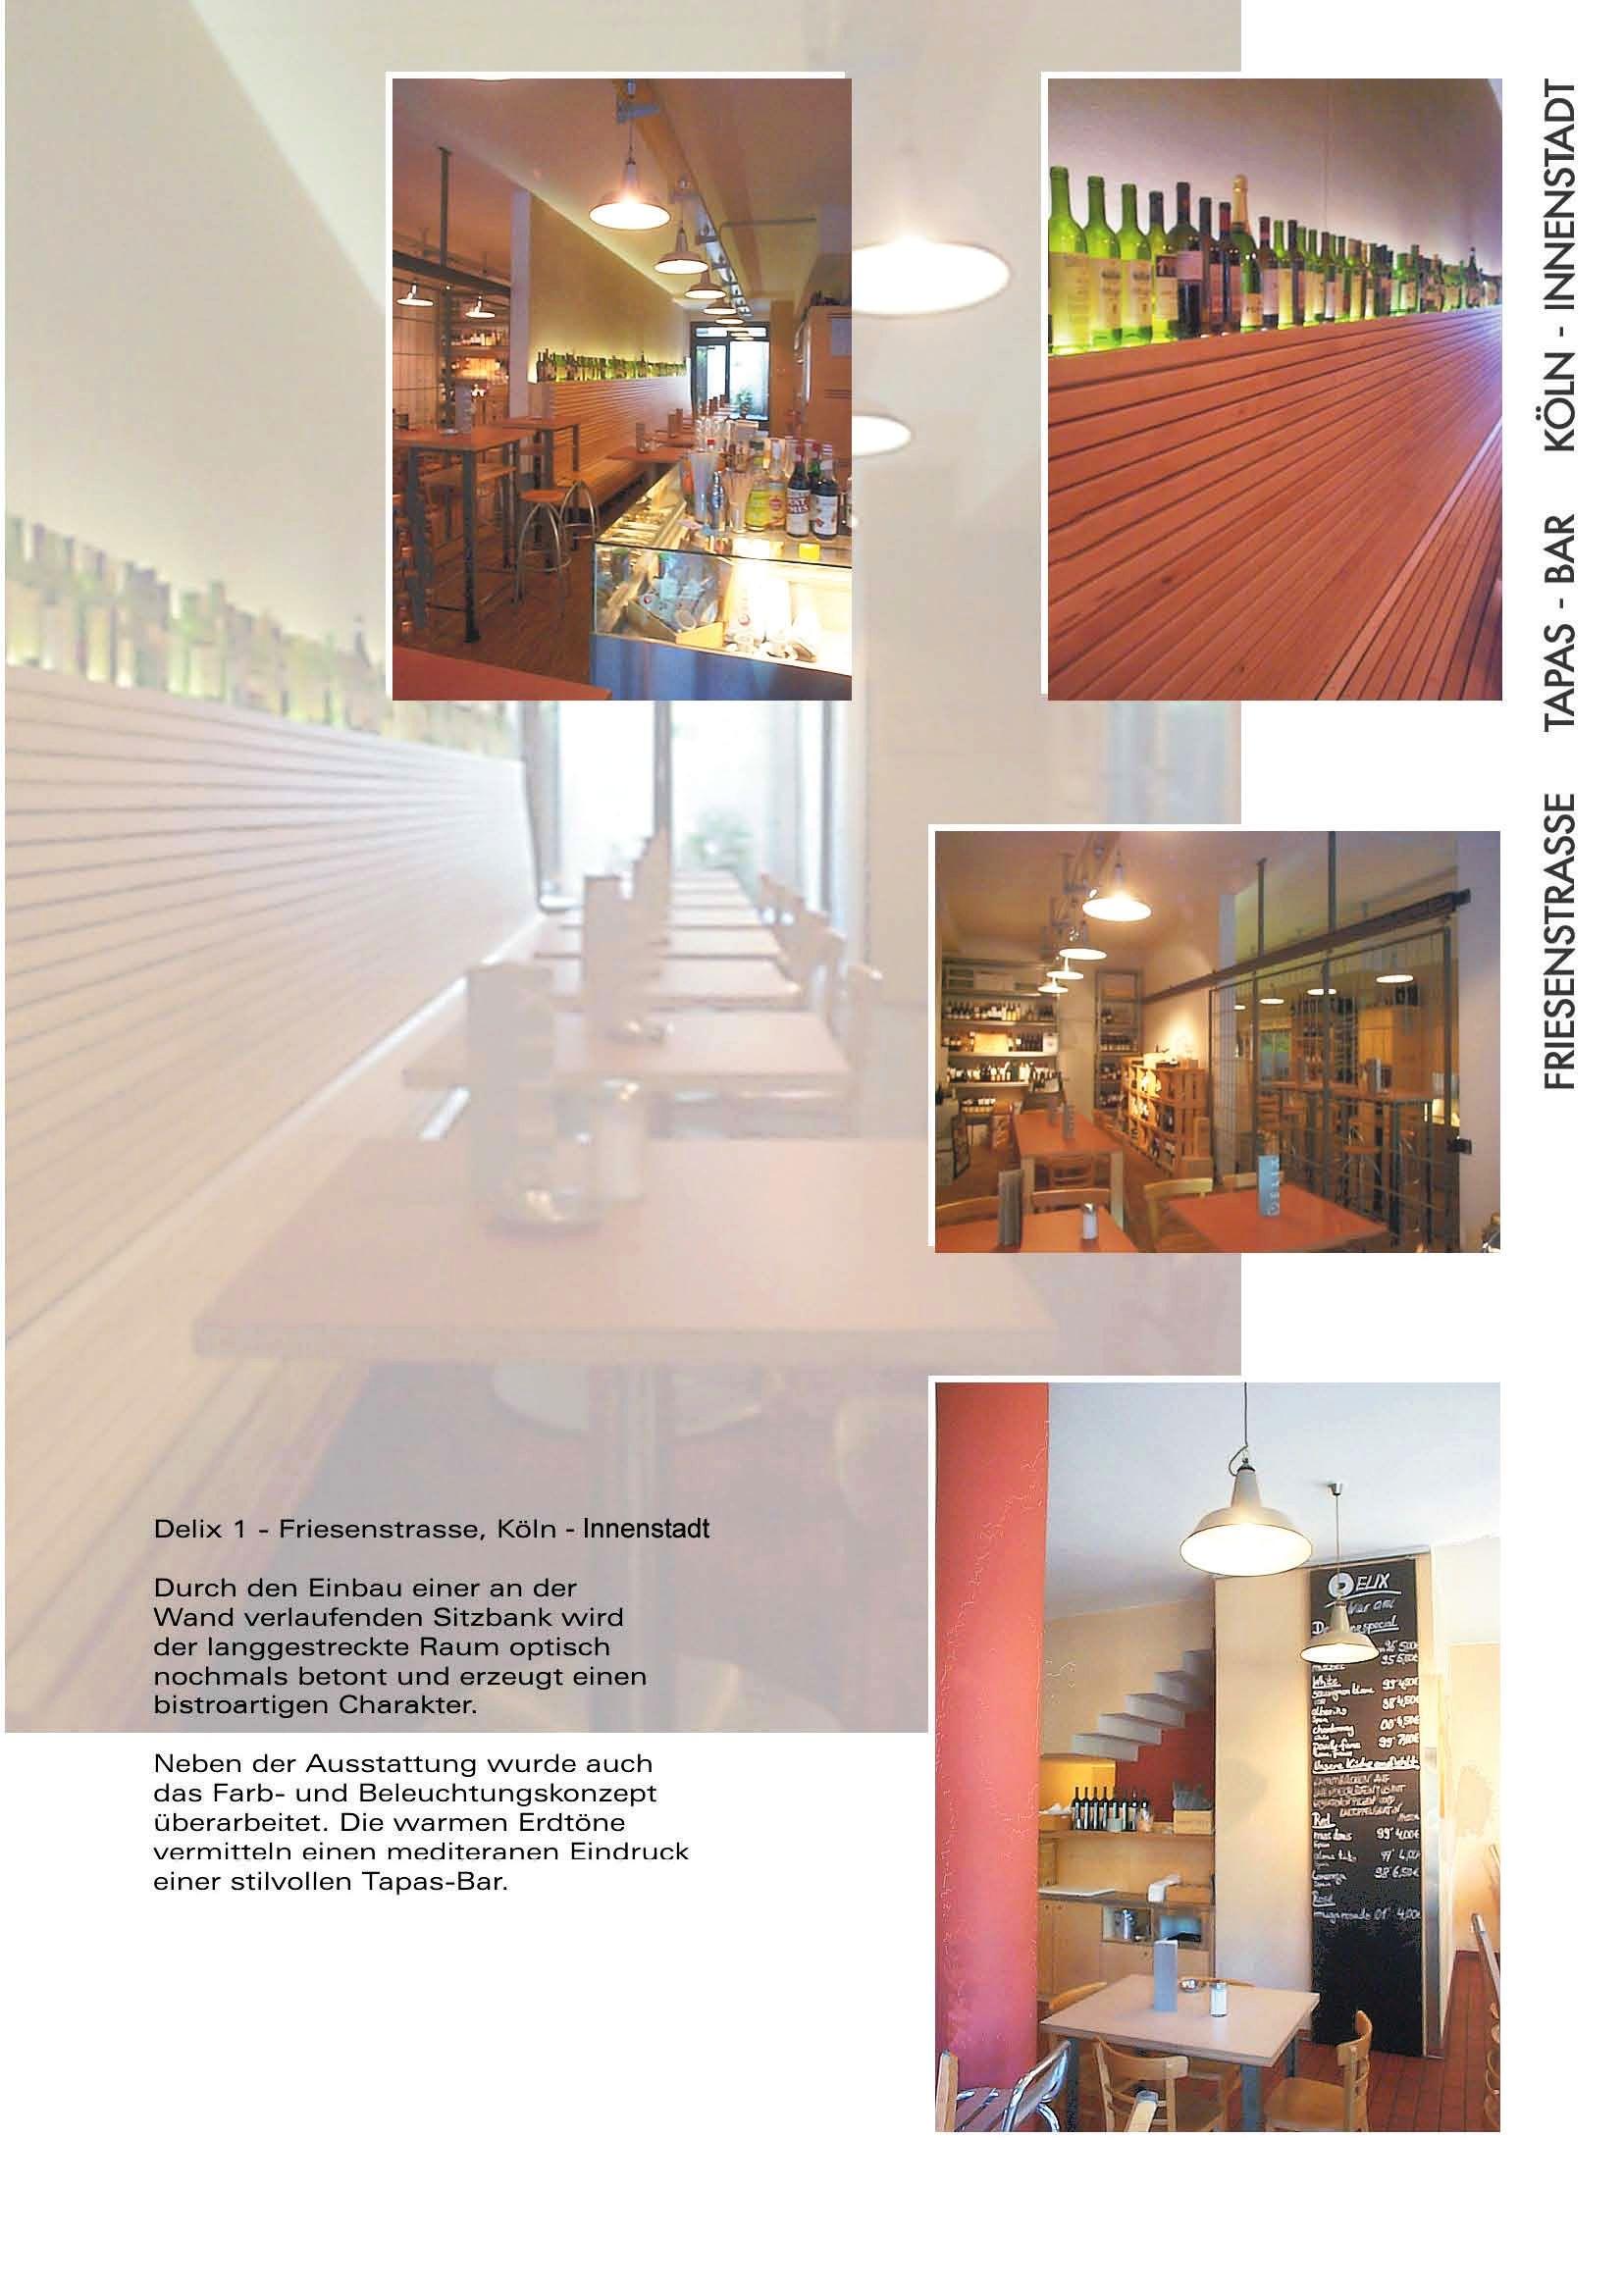 Prof. Ludger Bergrath – Architekt » Delix 1 / 2 / 3 – Coffee-Bar